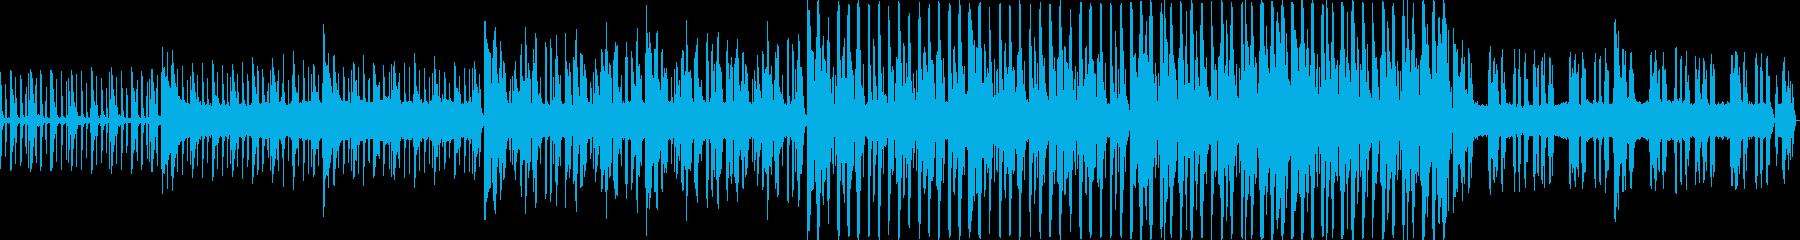 リズミカルなビートで軽快に前進する感じの再生済みの波形